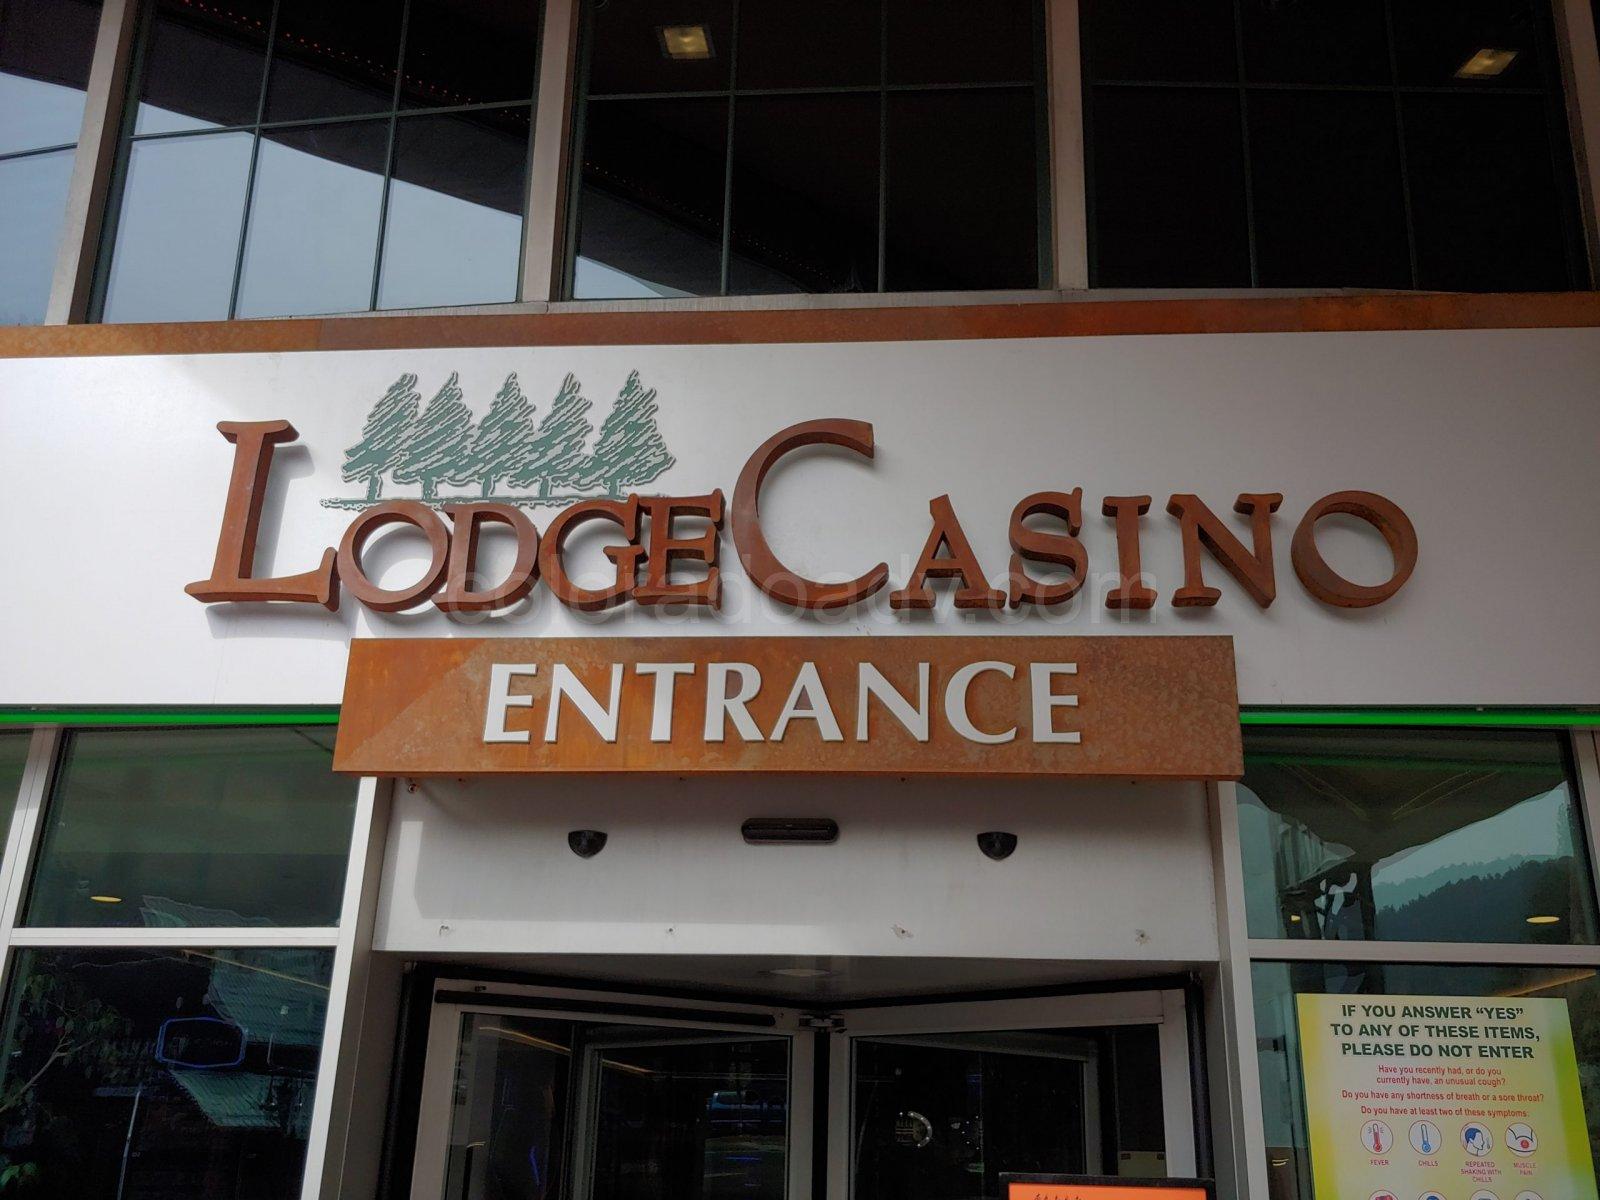 The Lodge Casino